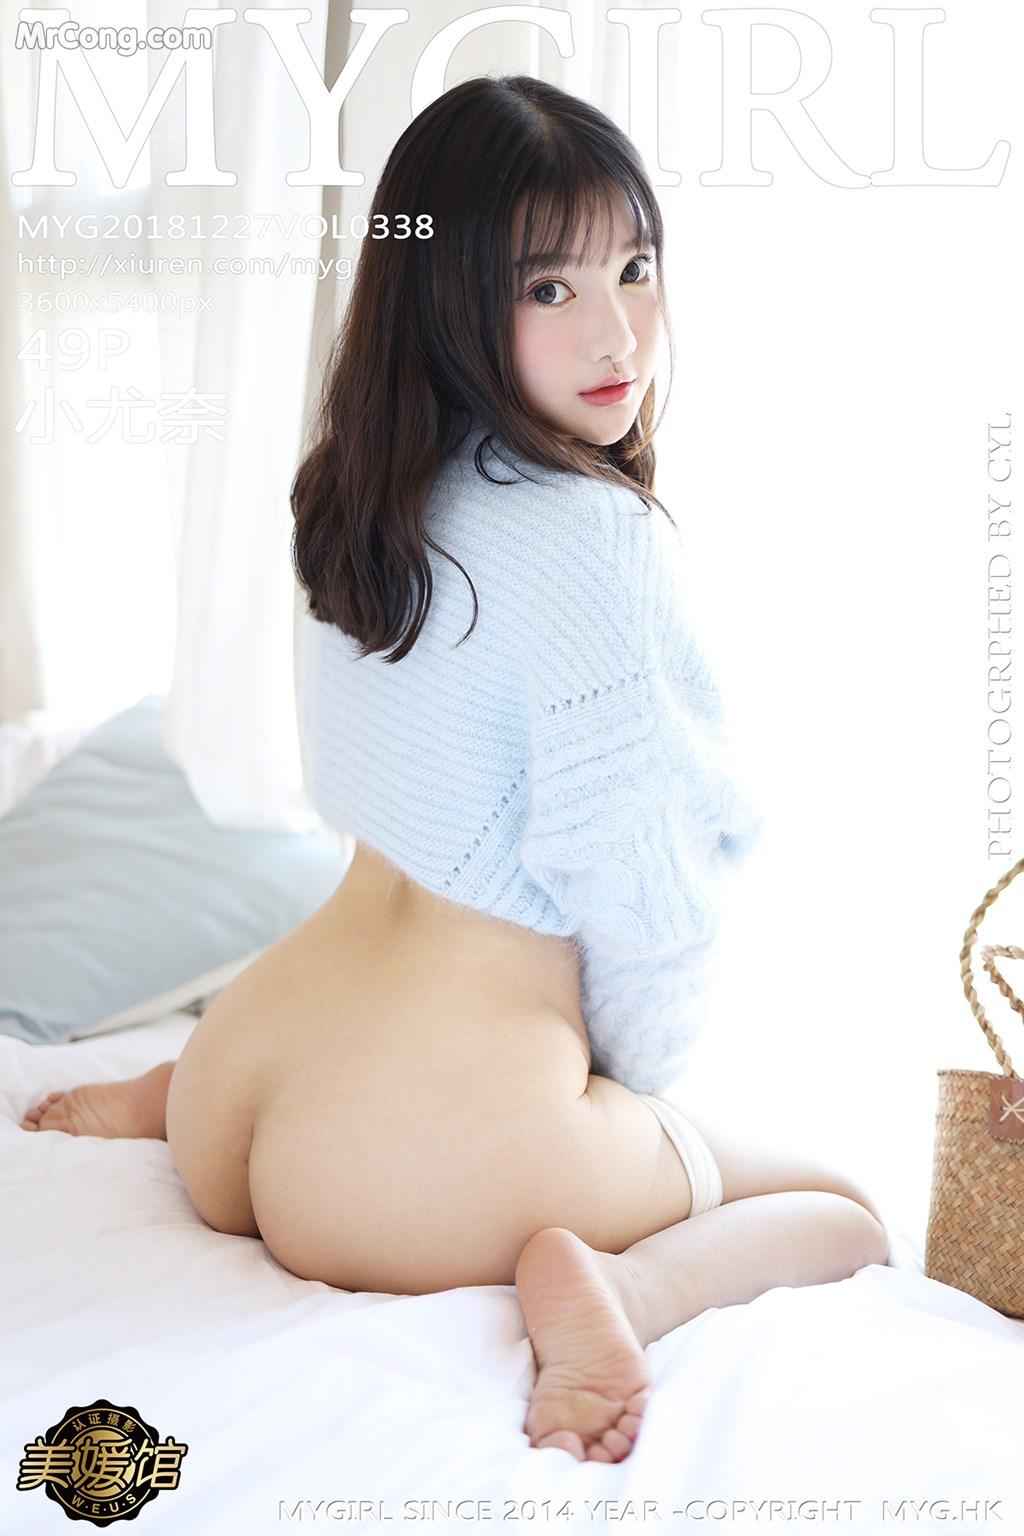 MyGirl Vol.338: Người mẫu Xiao You Nai (小尤奈) (50 ảnh)